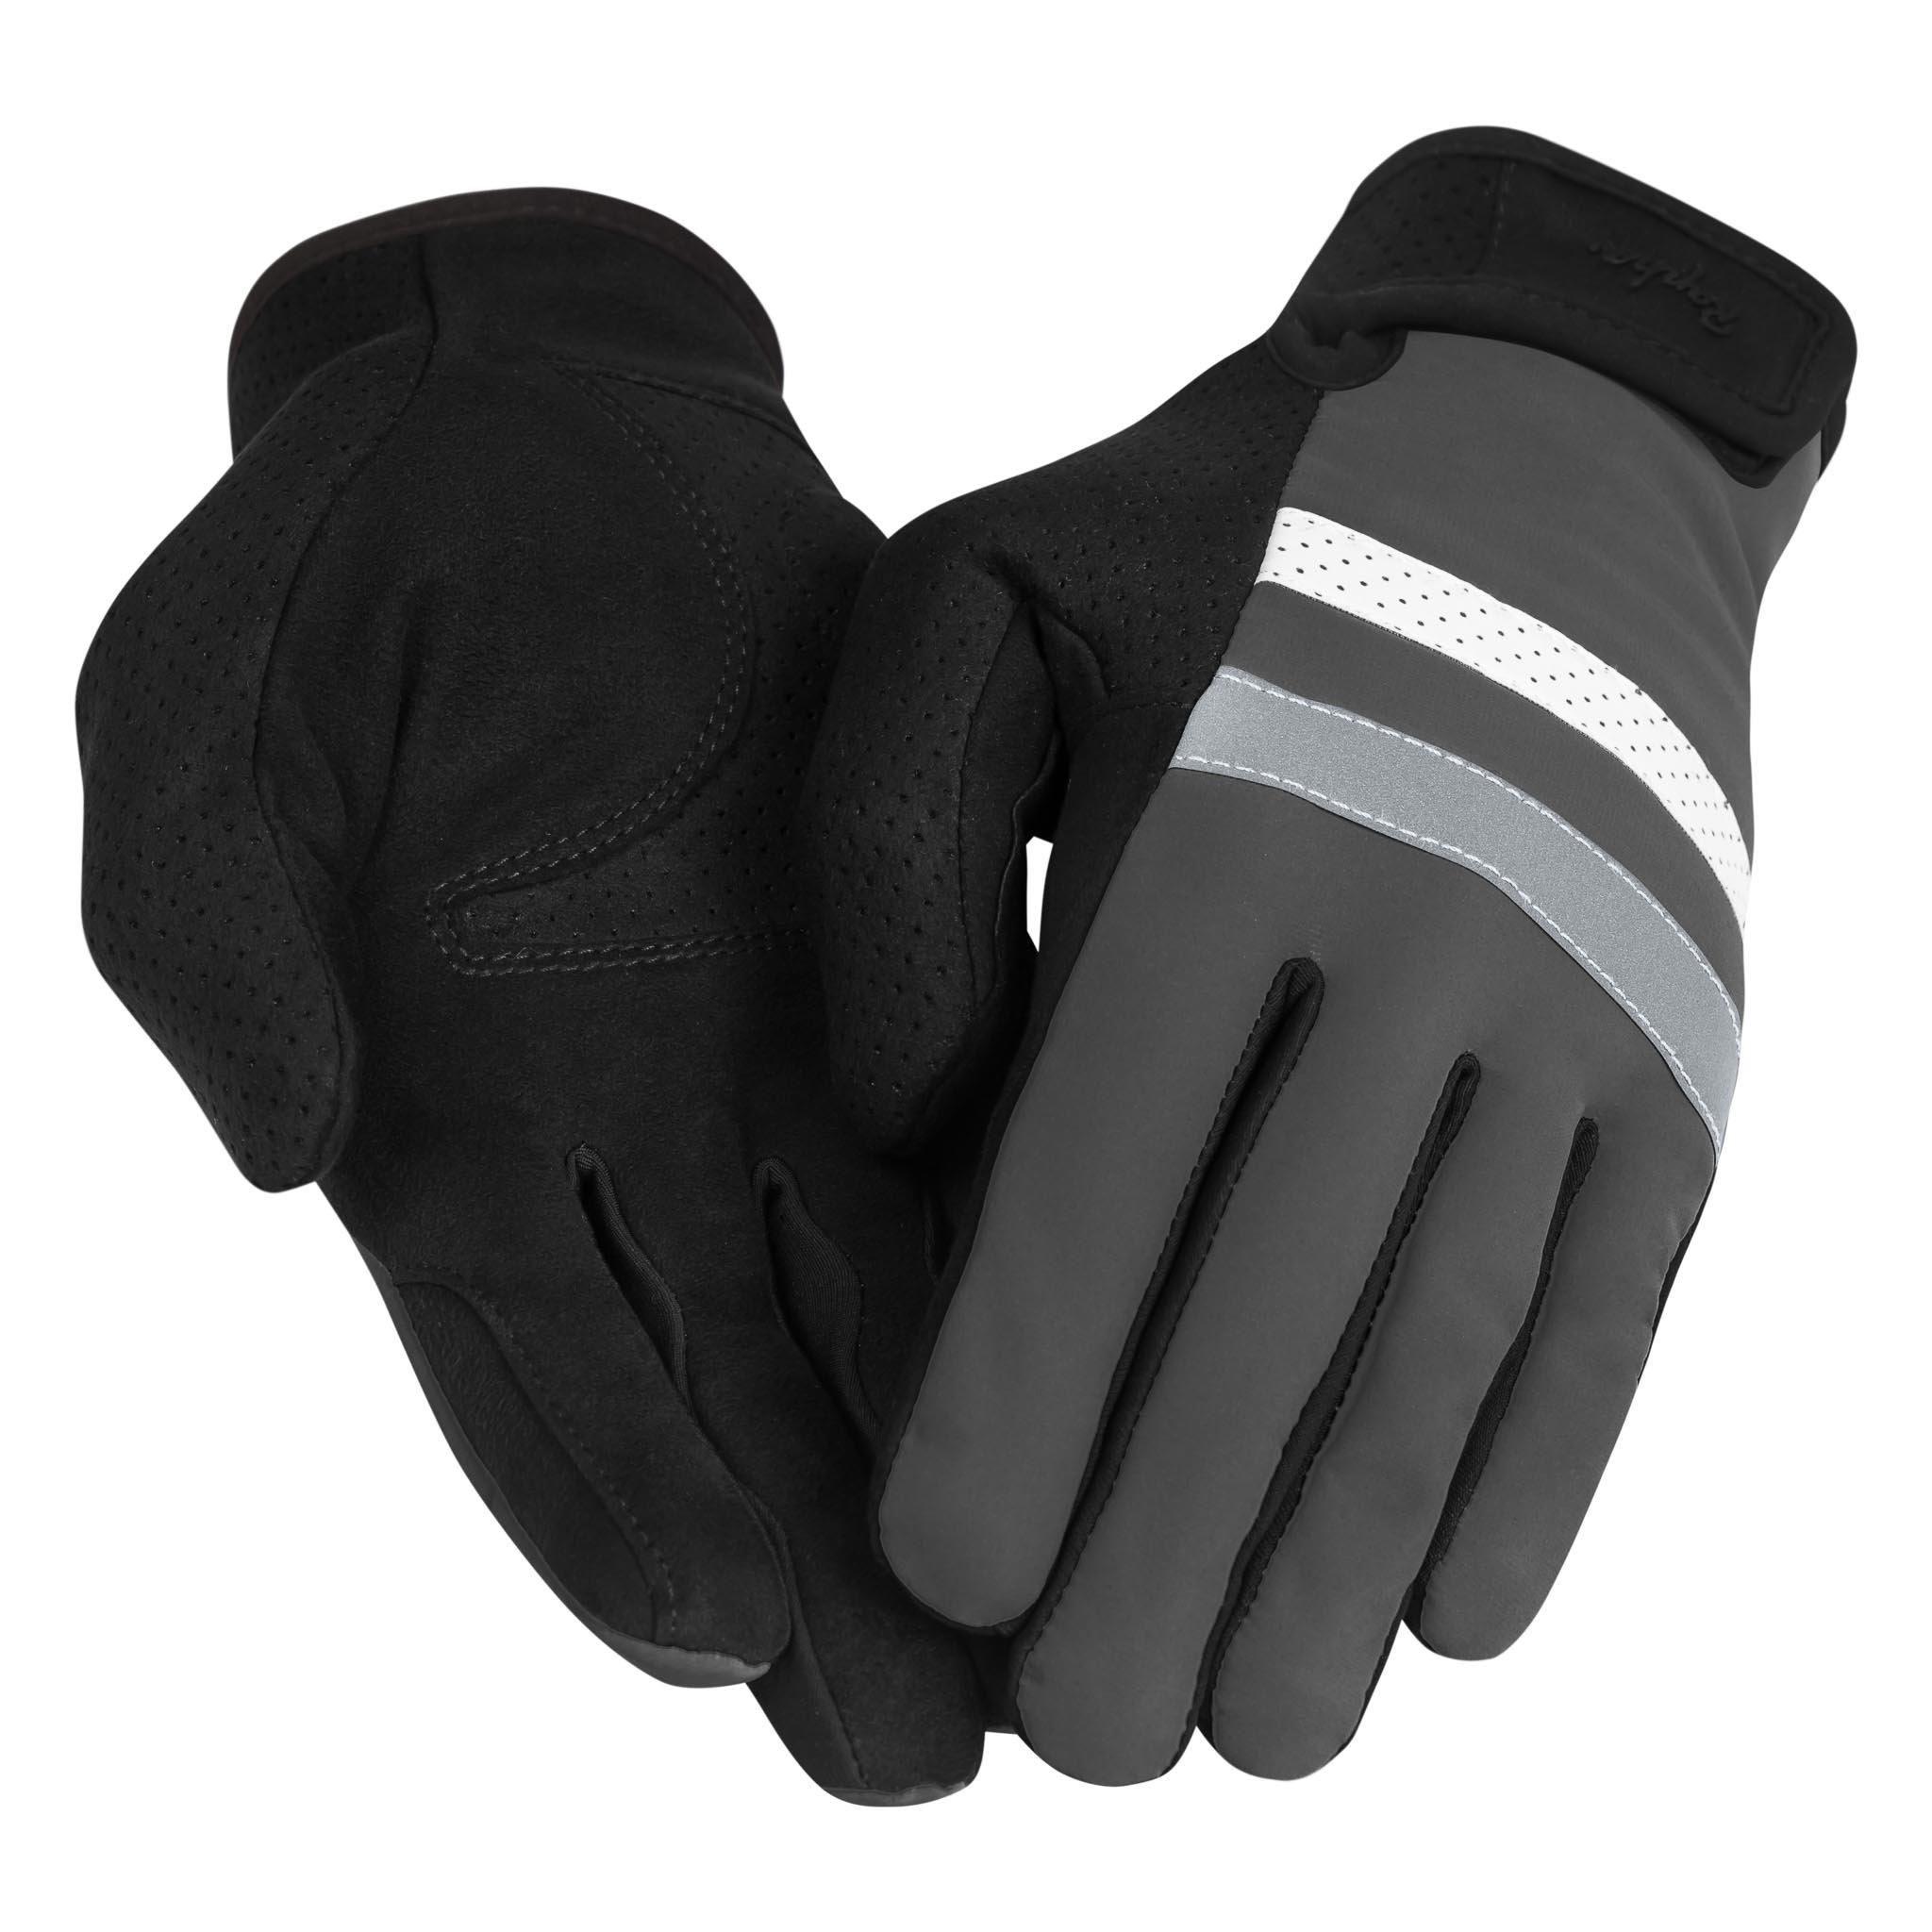 Brevet Reflective Gloves Best Winter Gloves Gloves Winter Gloves